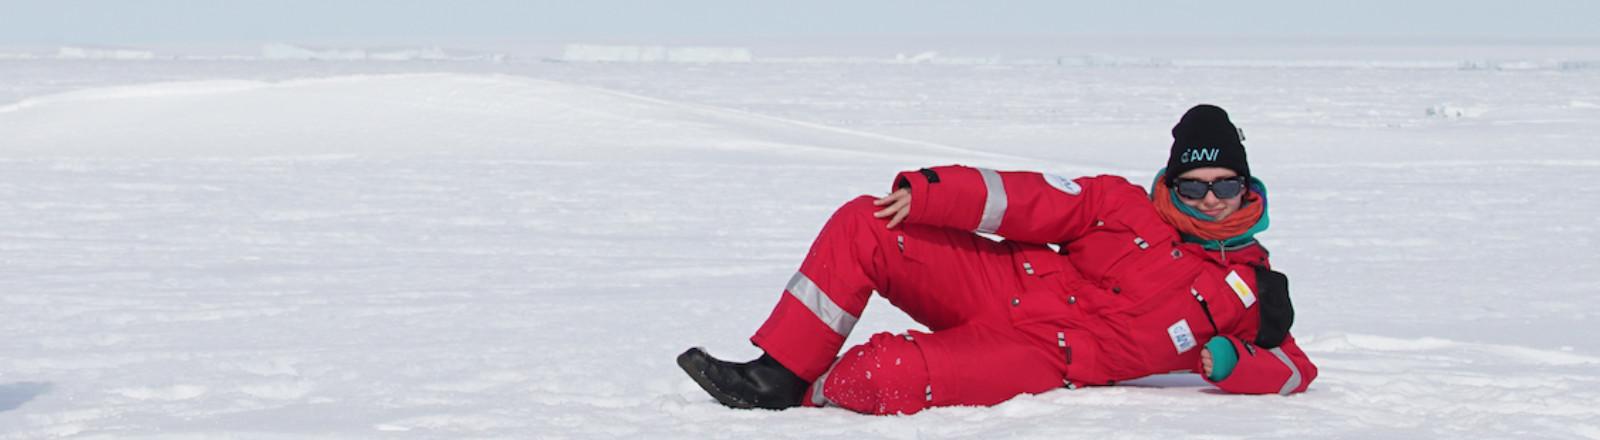 Meeresgeologin Elena Vorrath